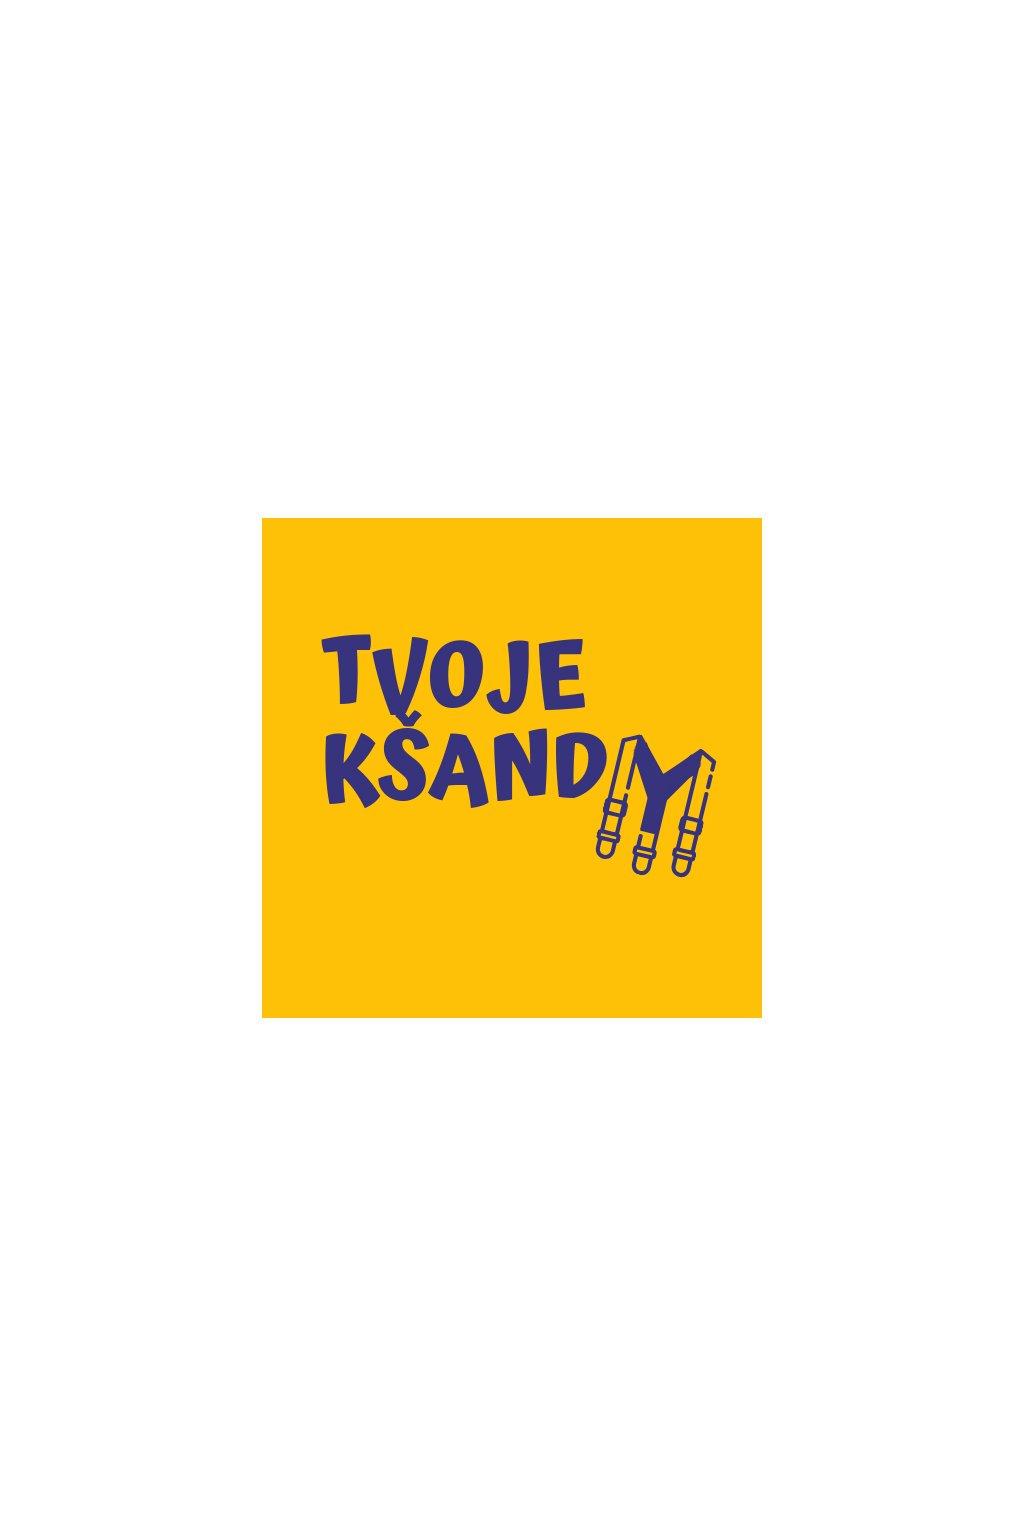 Tvoje ksandy logo (1)